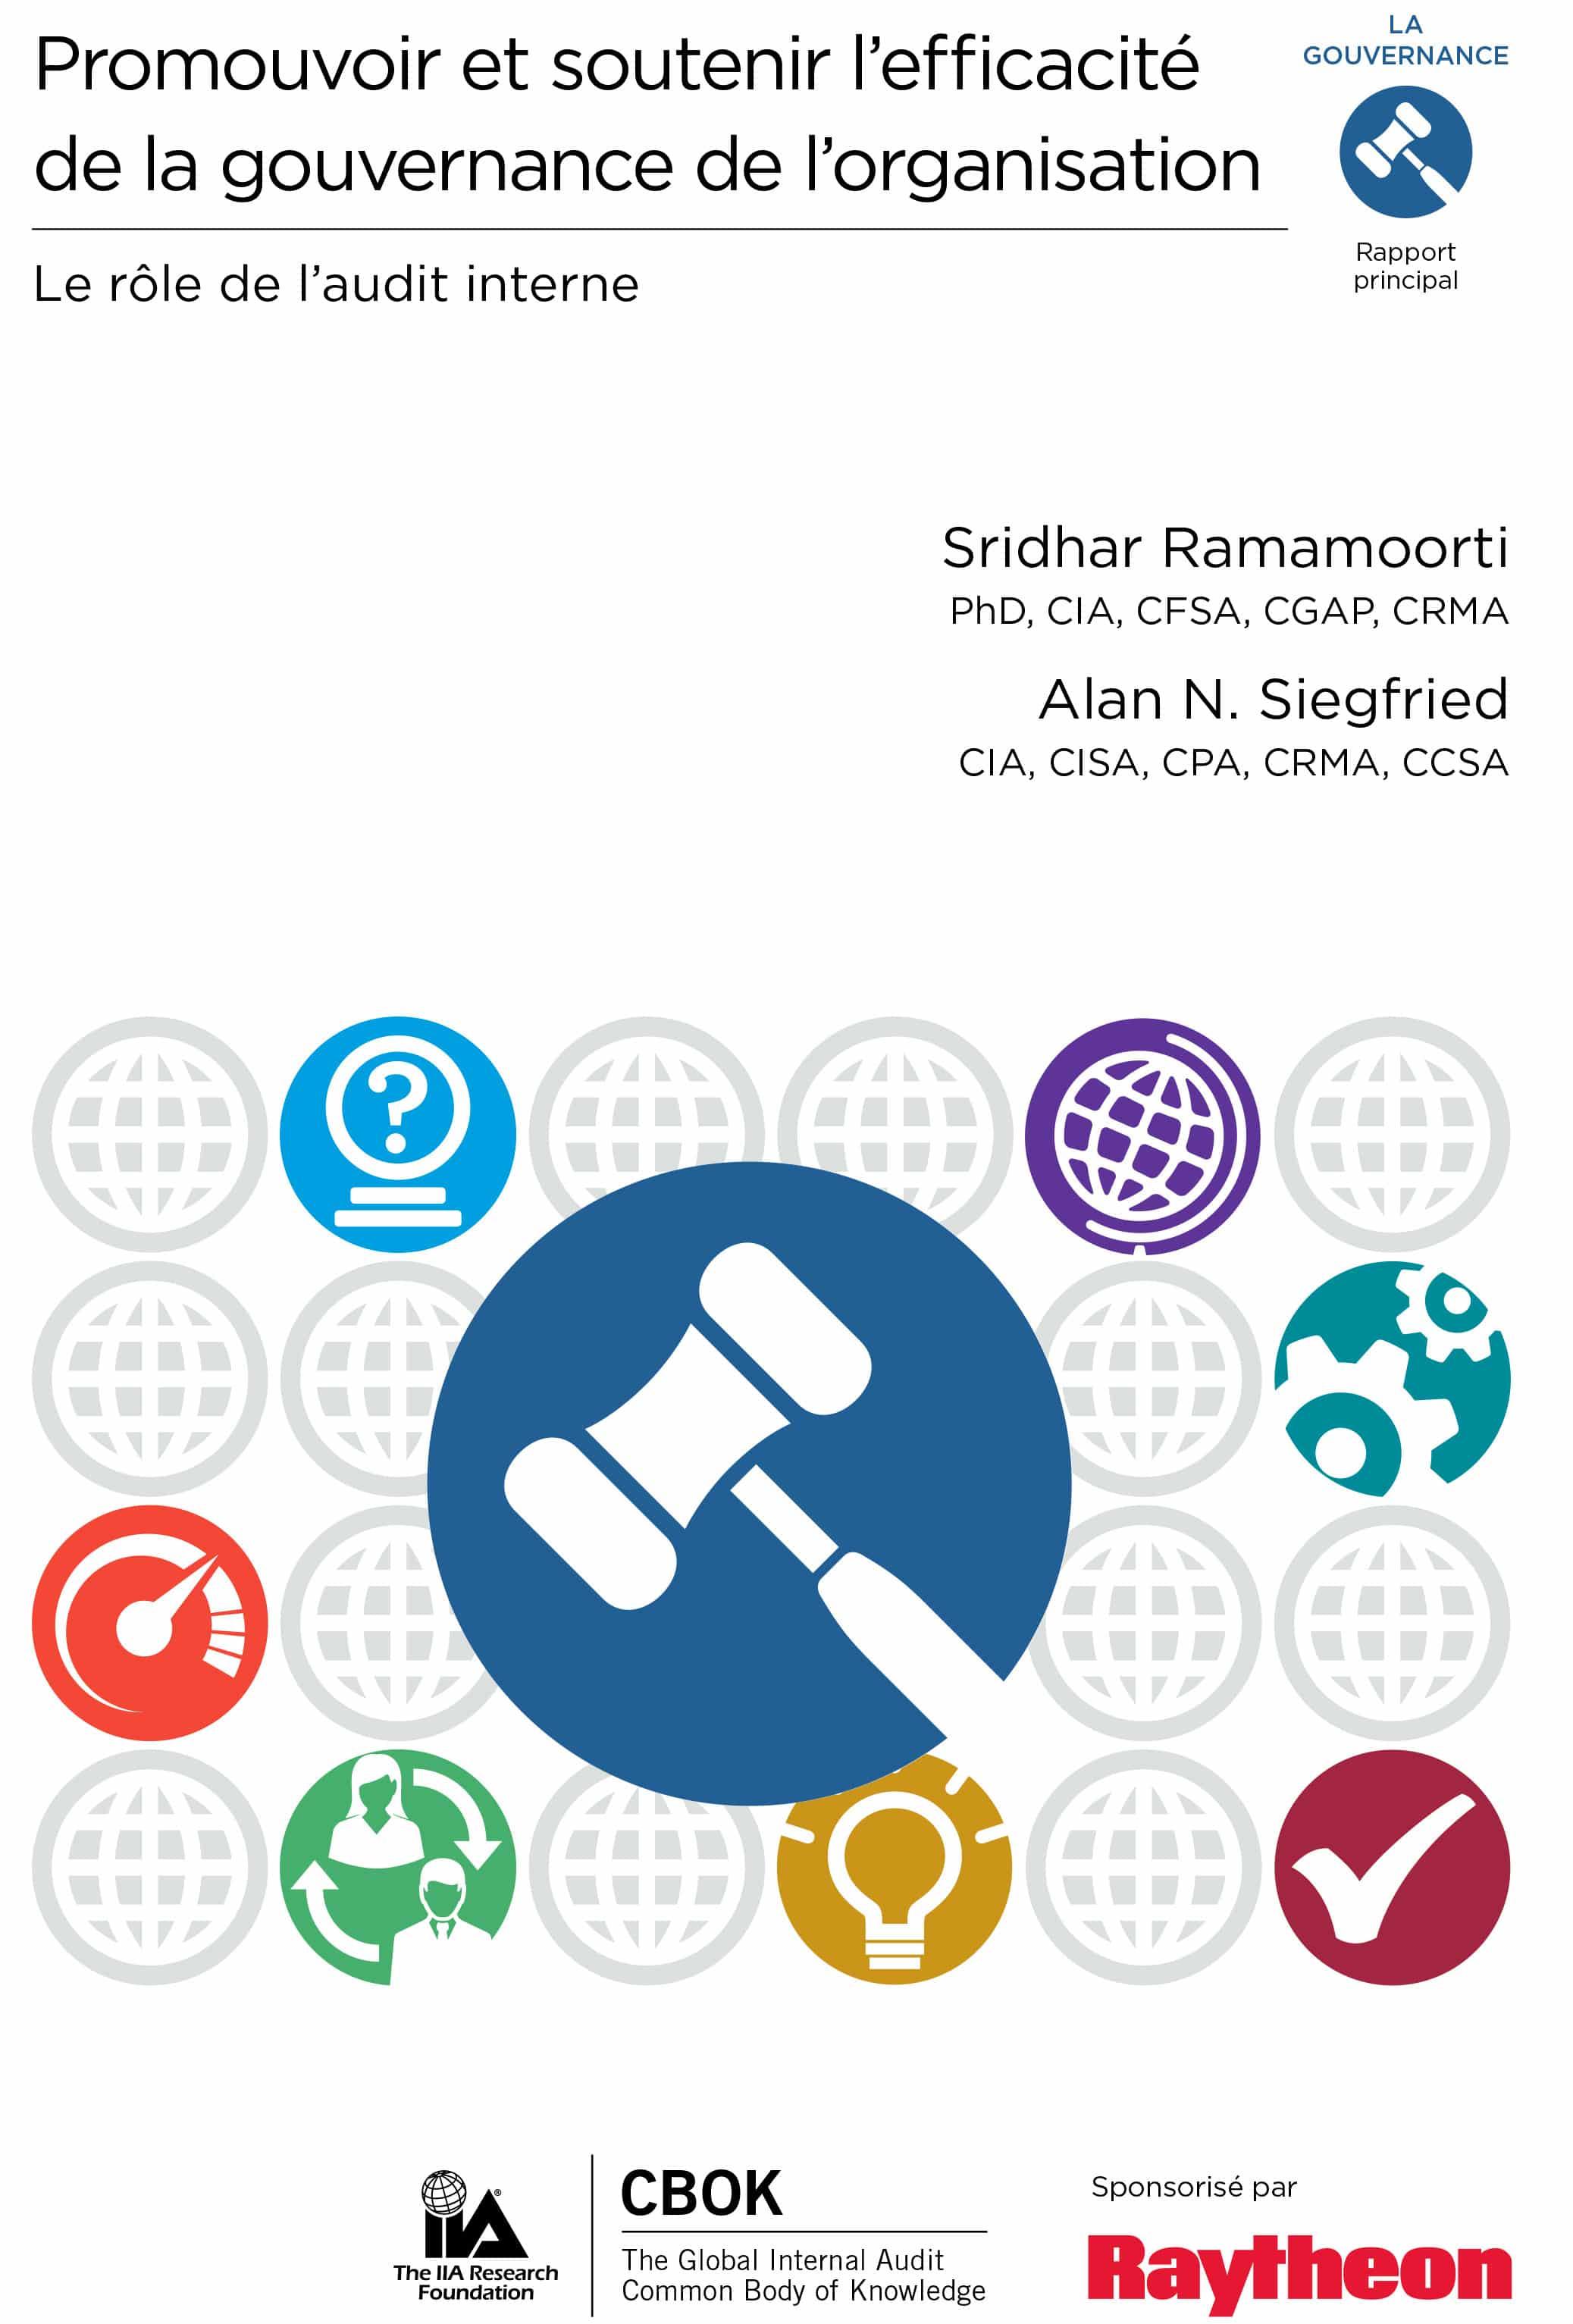 Promouvoir et soutenir l'efficacité de la gouvernance de l'organisation – Le rôle de l'audit interne